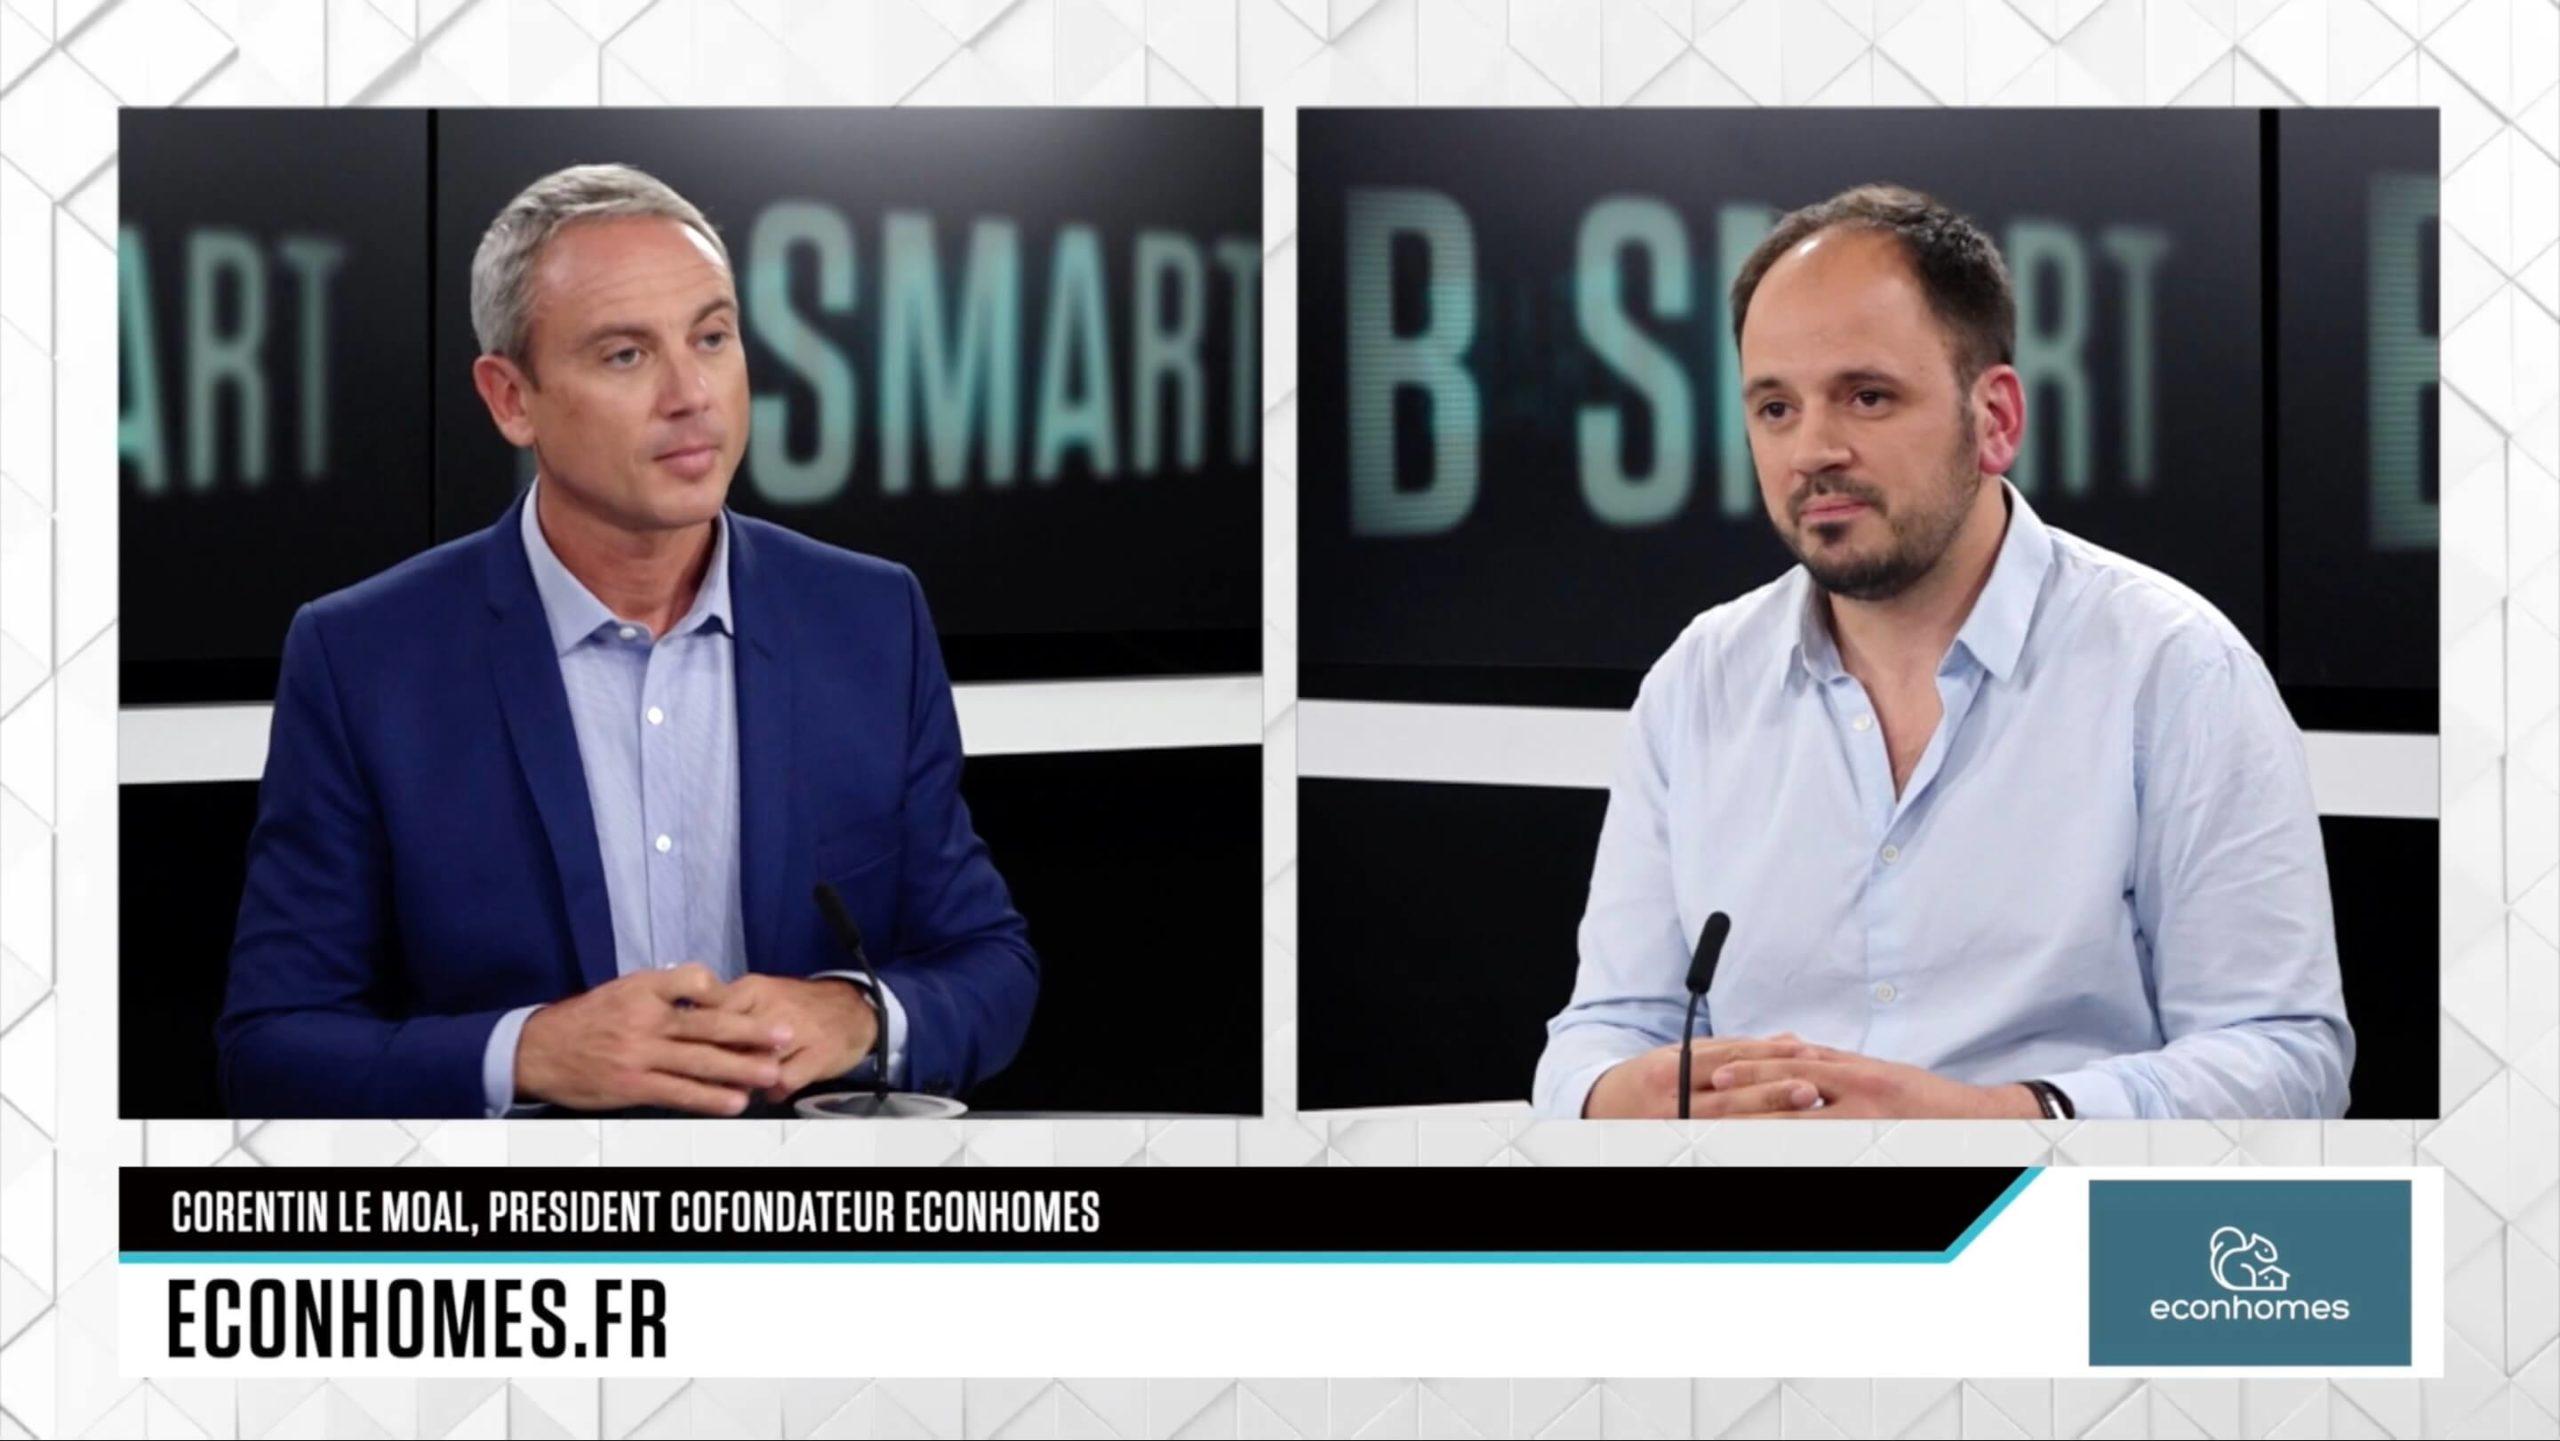 Interview B Smart